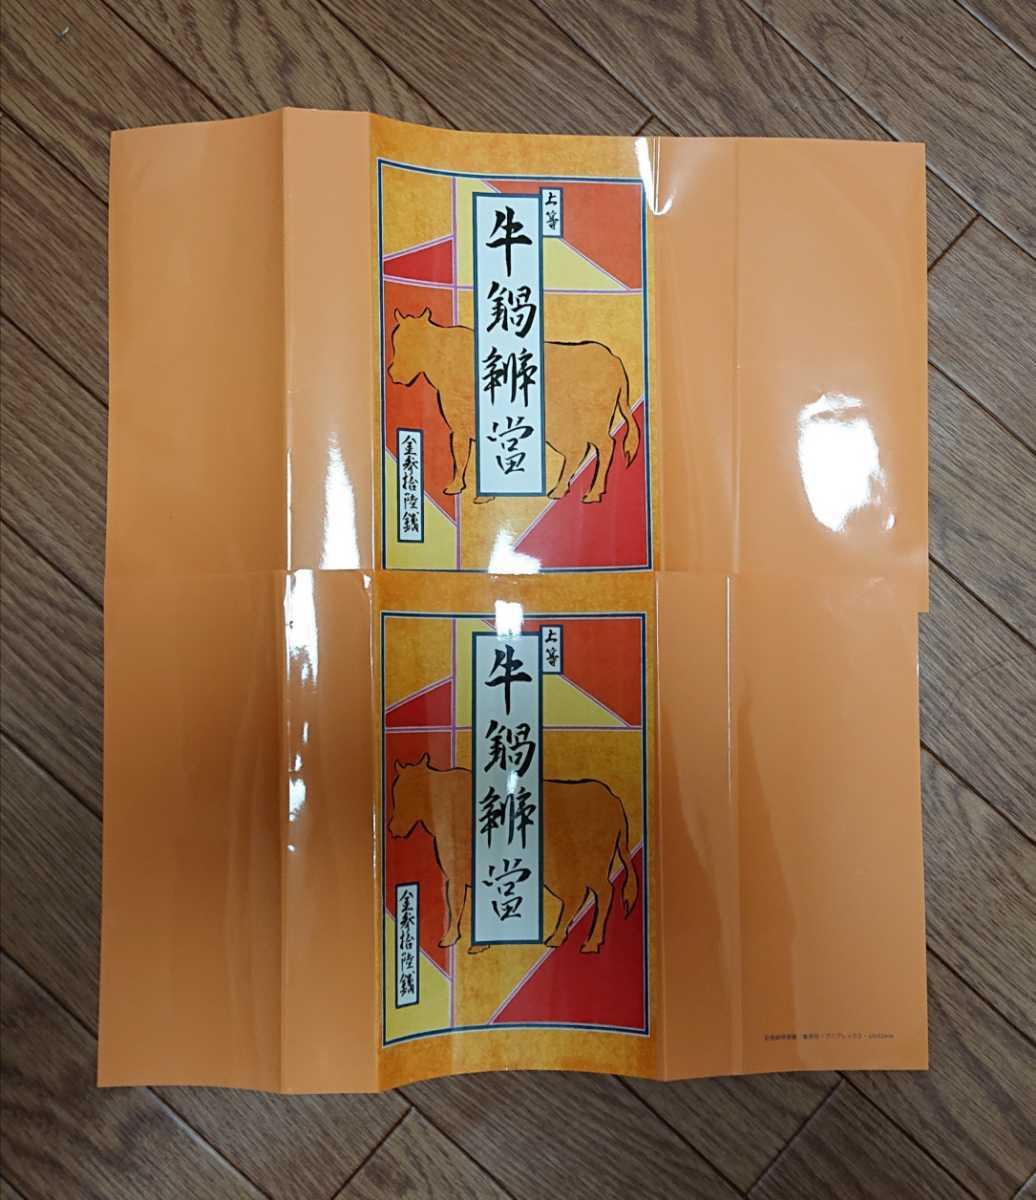 鬼滅の刃★煉獄杏寿郎★描き下ろしイラストカード★コースター★ランチョンマット★ポストカード★アクリルキーホルダー